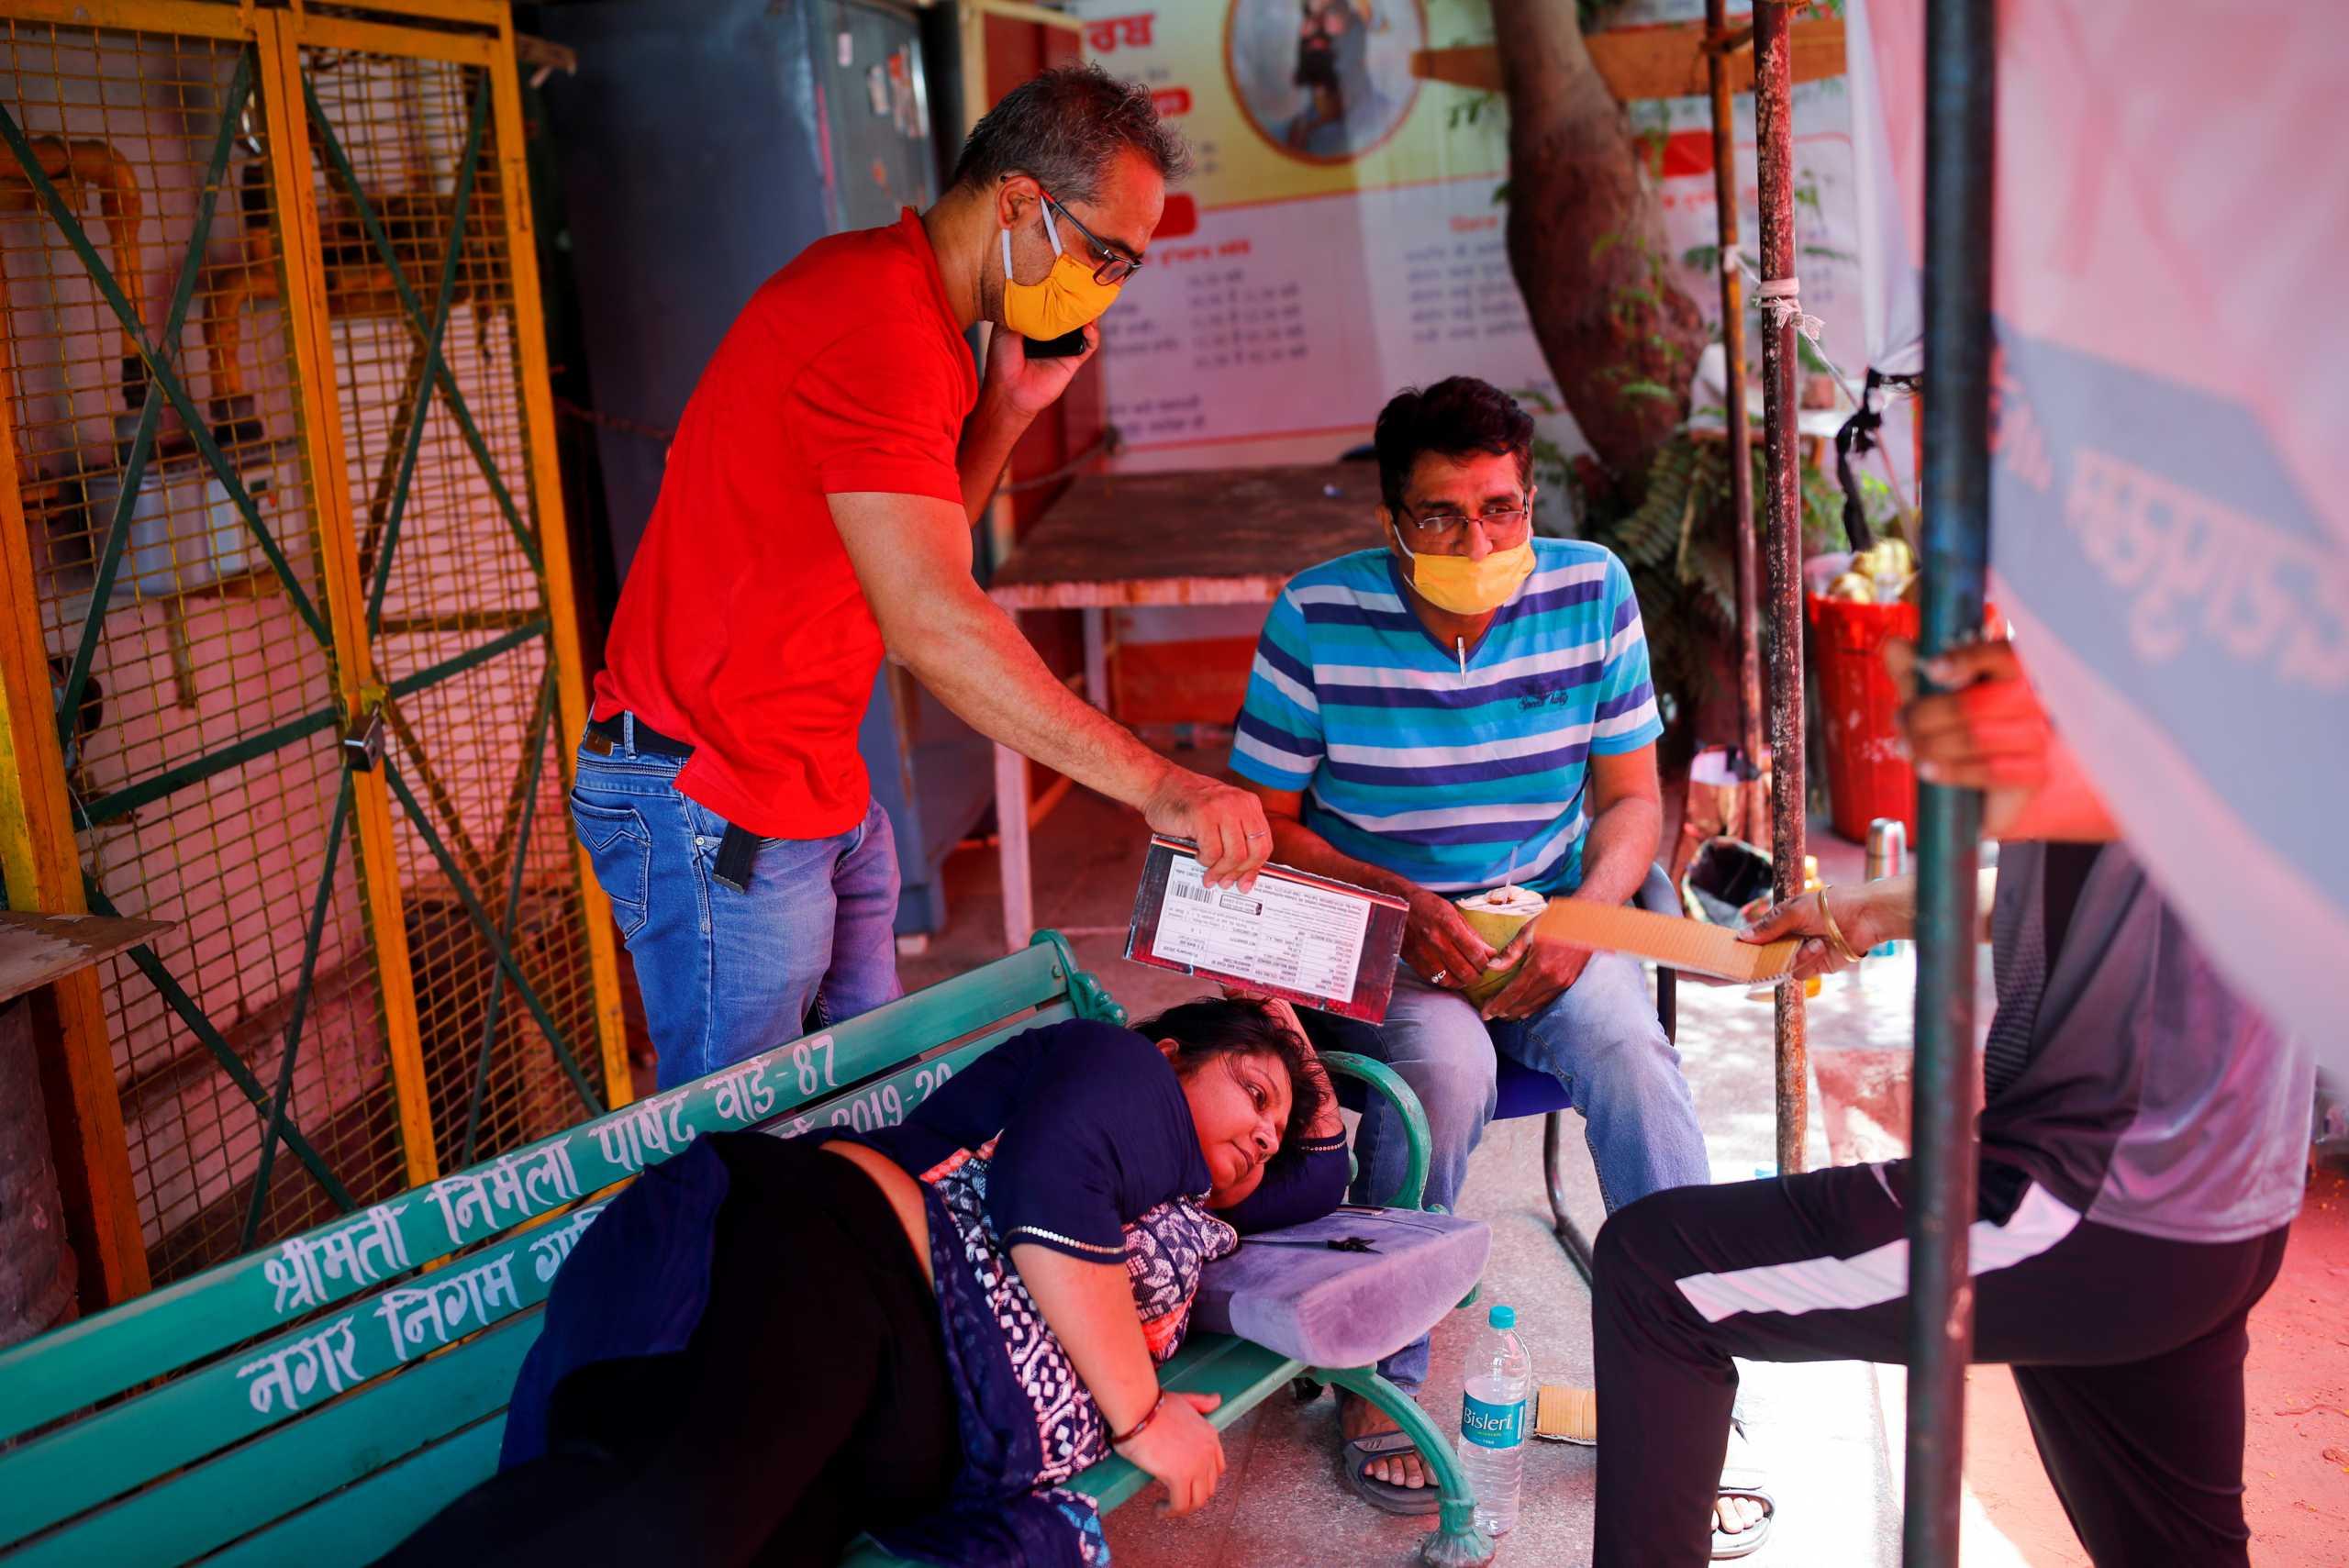 Οργή στην Ινδία: Κρατούν κρεβάτια Covid για δικαστές την ώρα που πεθαίνει κόσμος χωρίς οξυγόνο